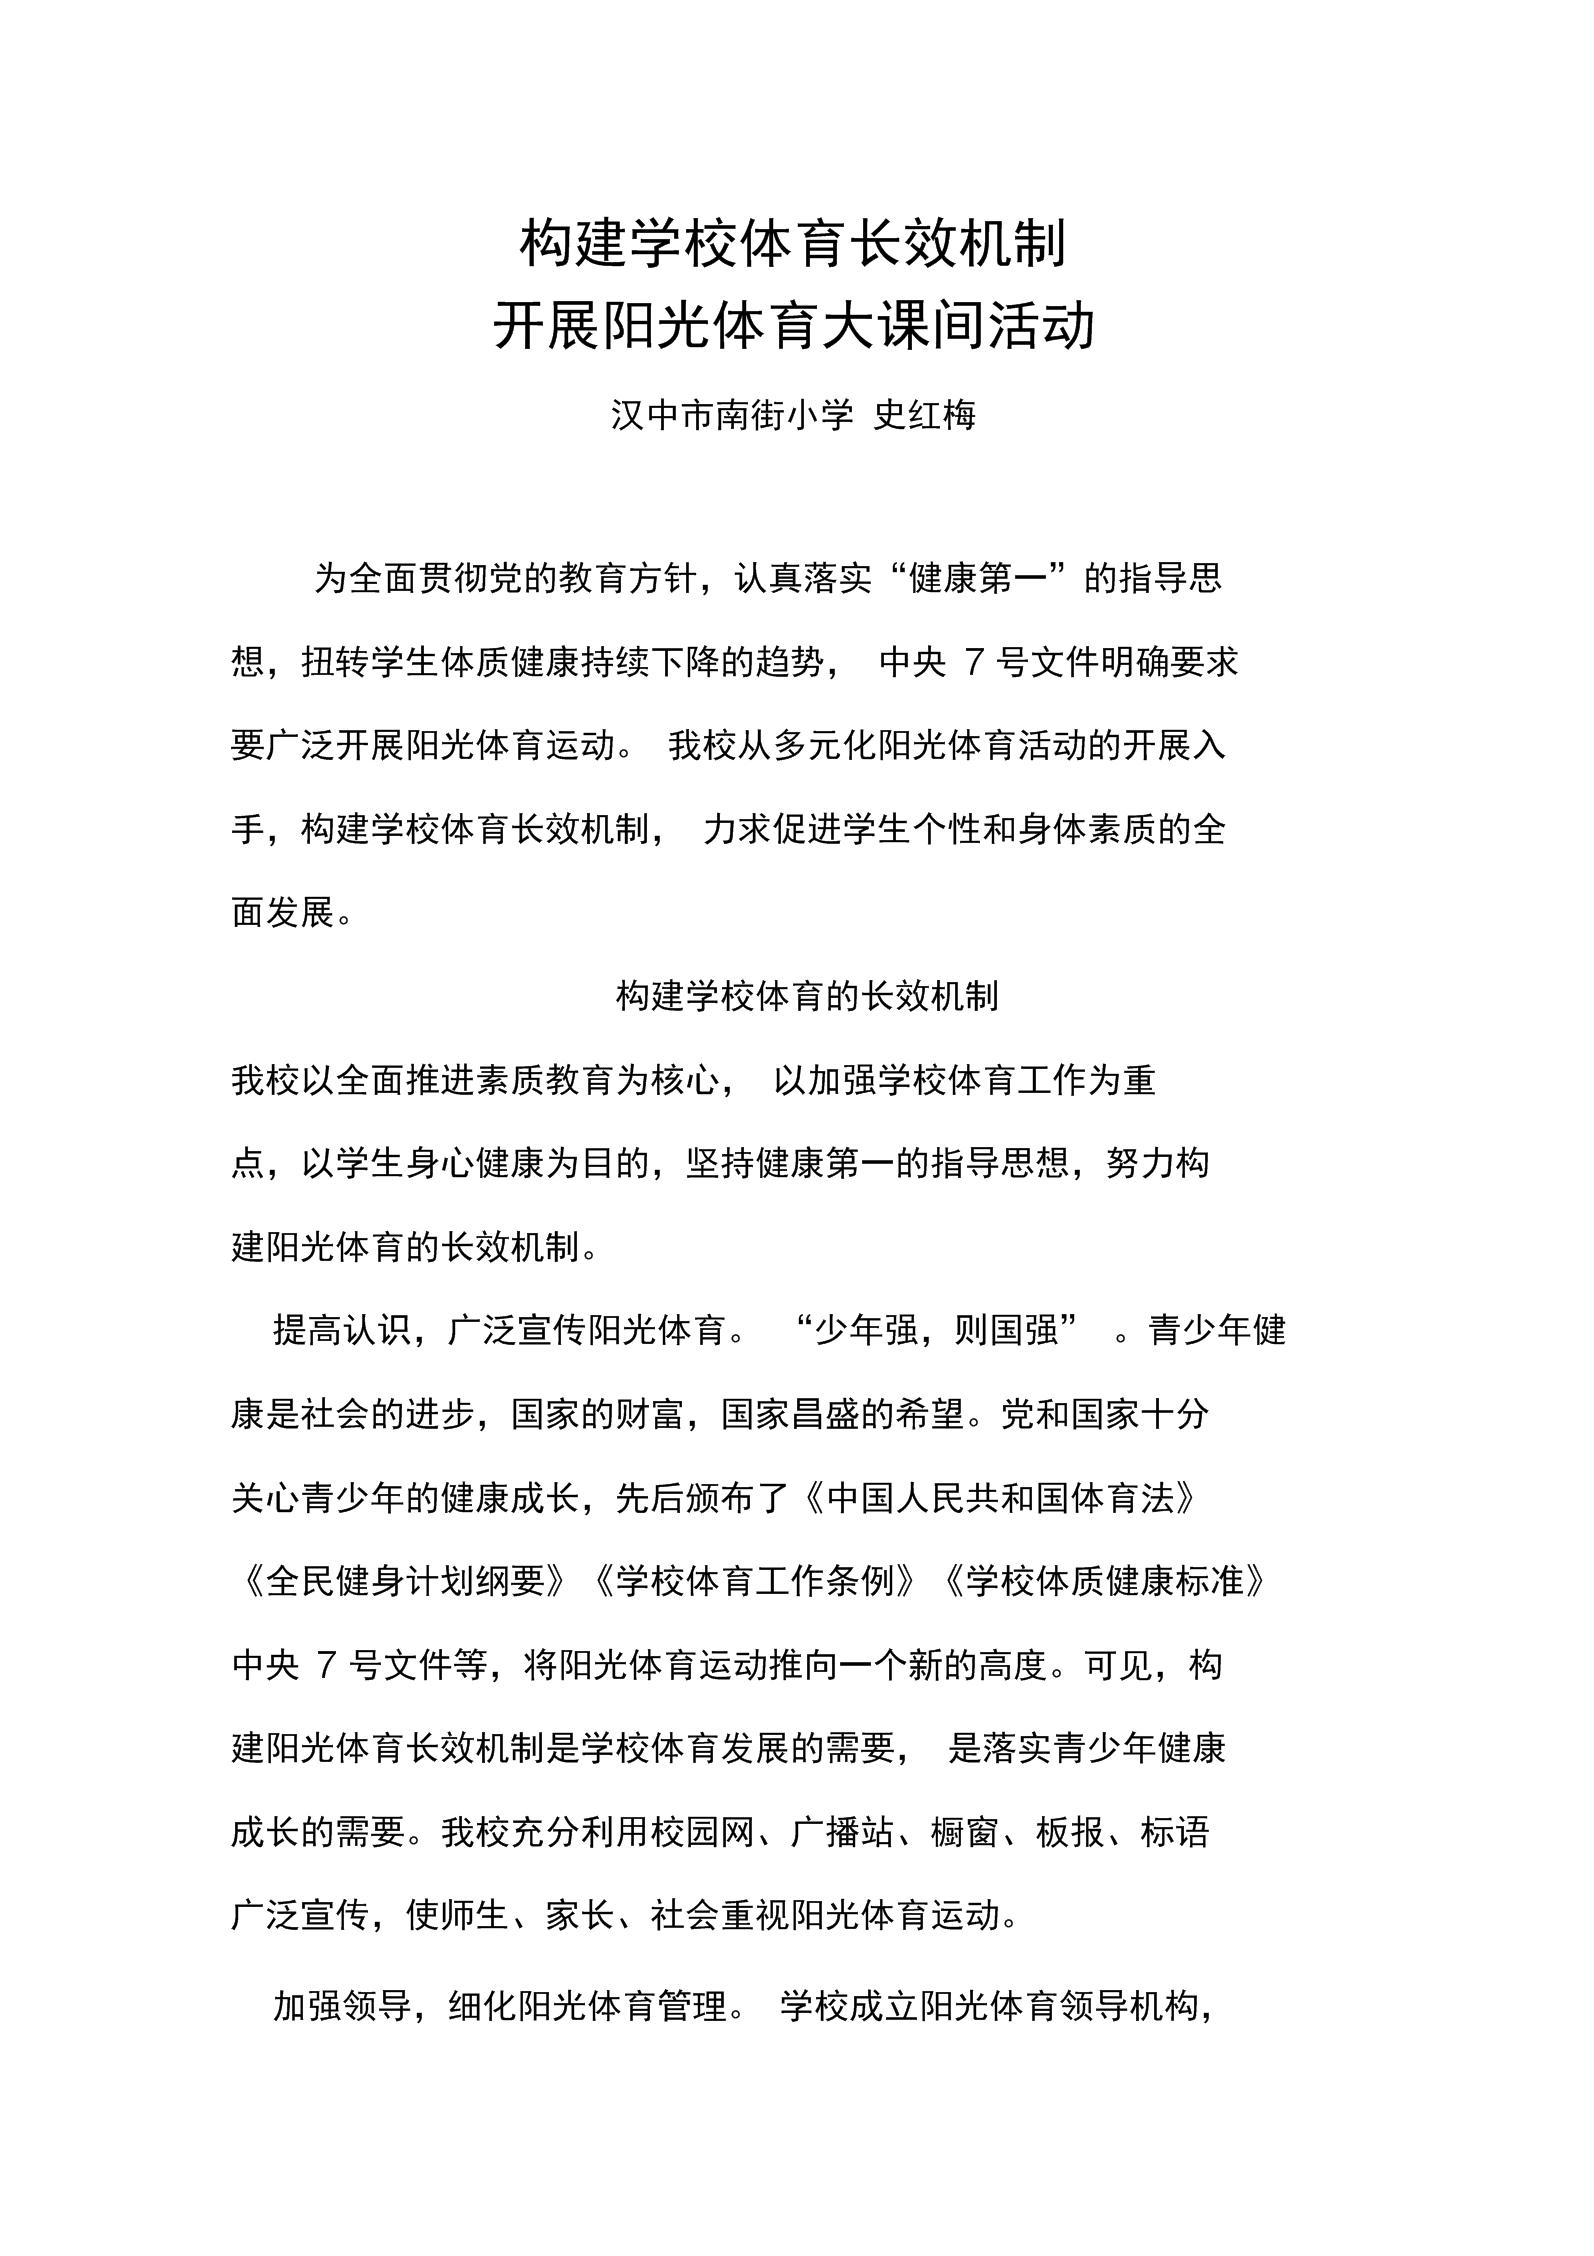 构建学校体育长效机制.docx